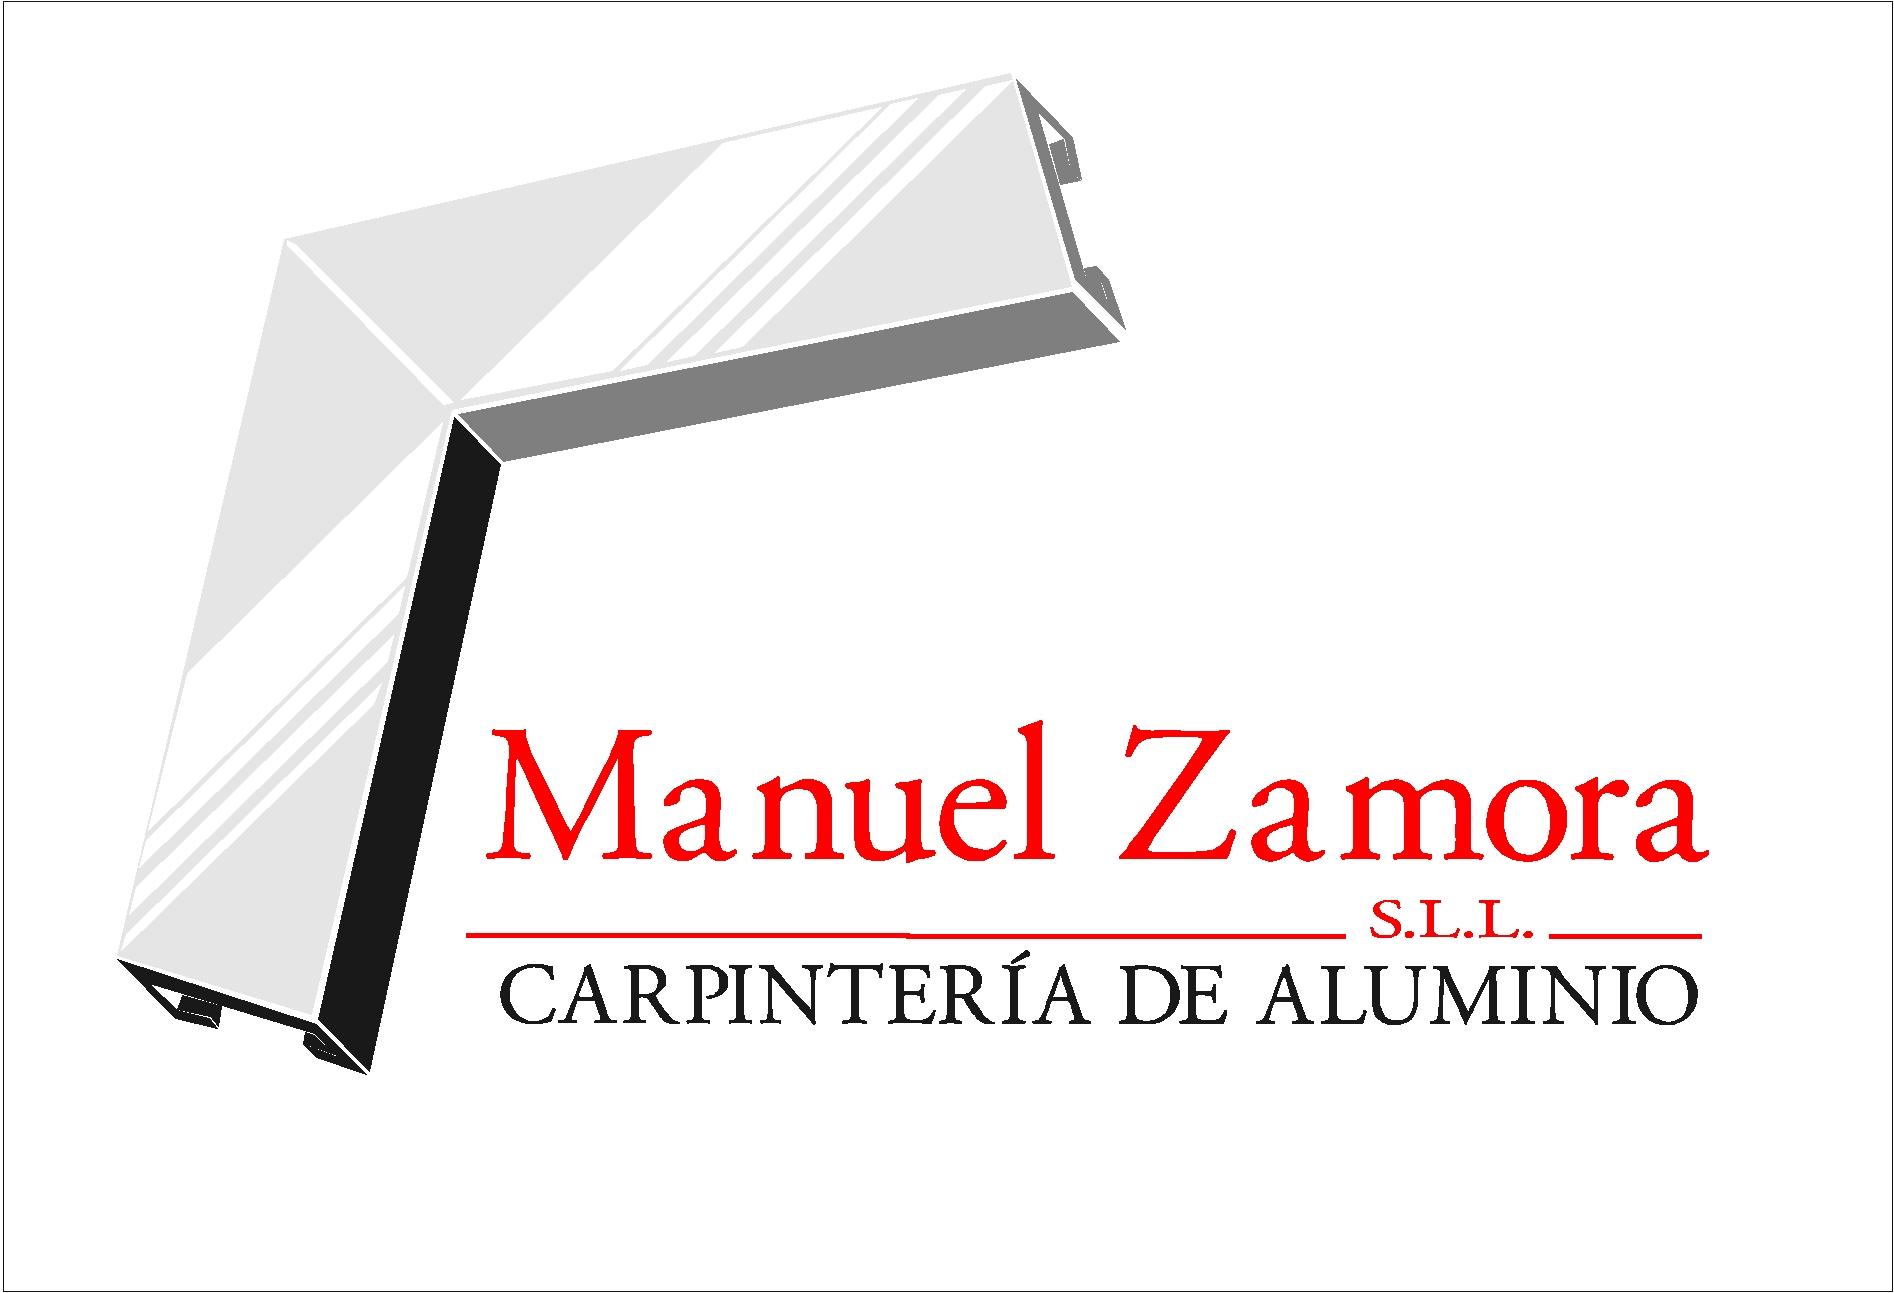 Carpintería de Aluminio Manuel Zamora